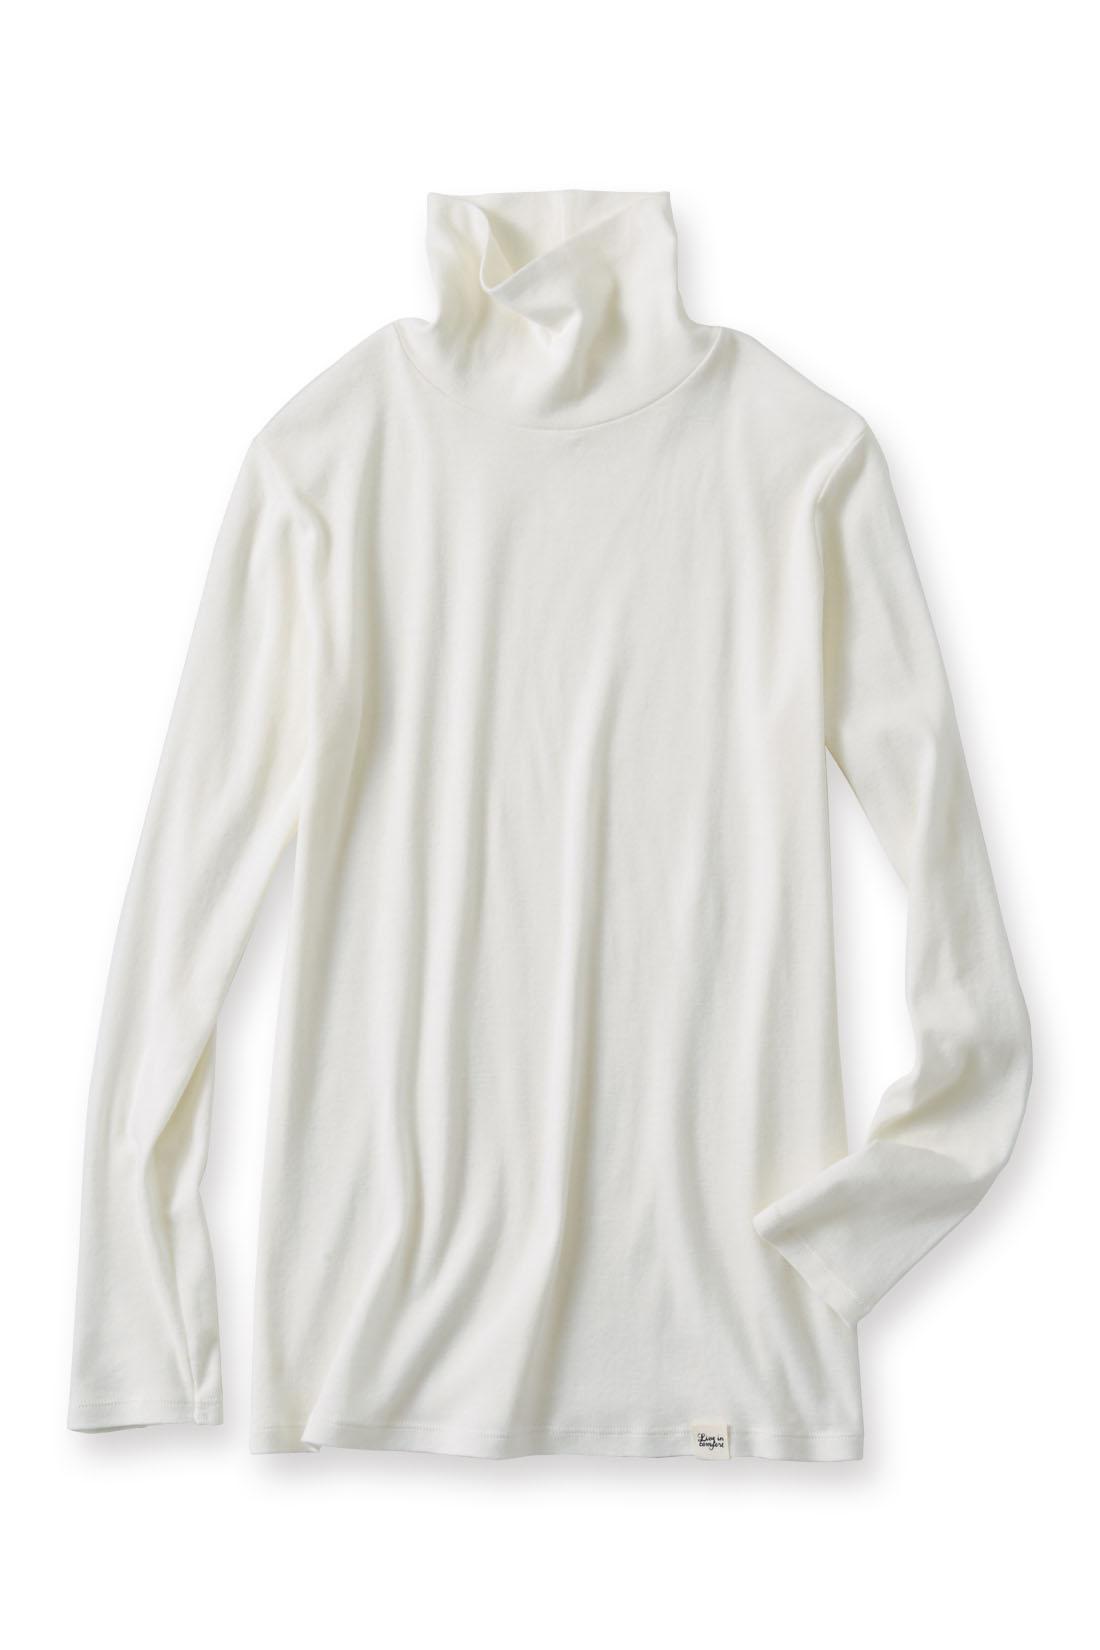 〈オフホワイト〉 袖は重ね着に使いやすい長袖丈。 くしゅくしゅできるほどよいフィット感のタートルネック。